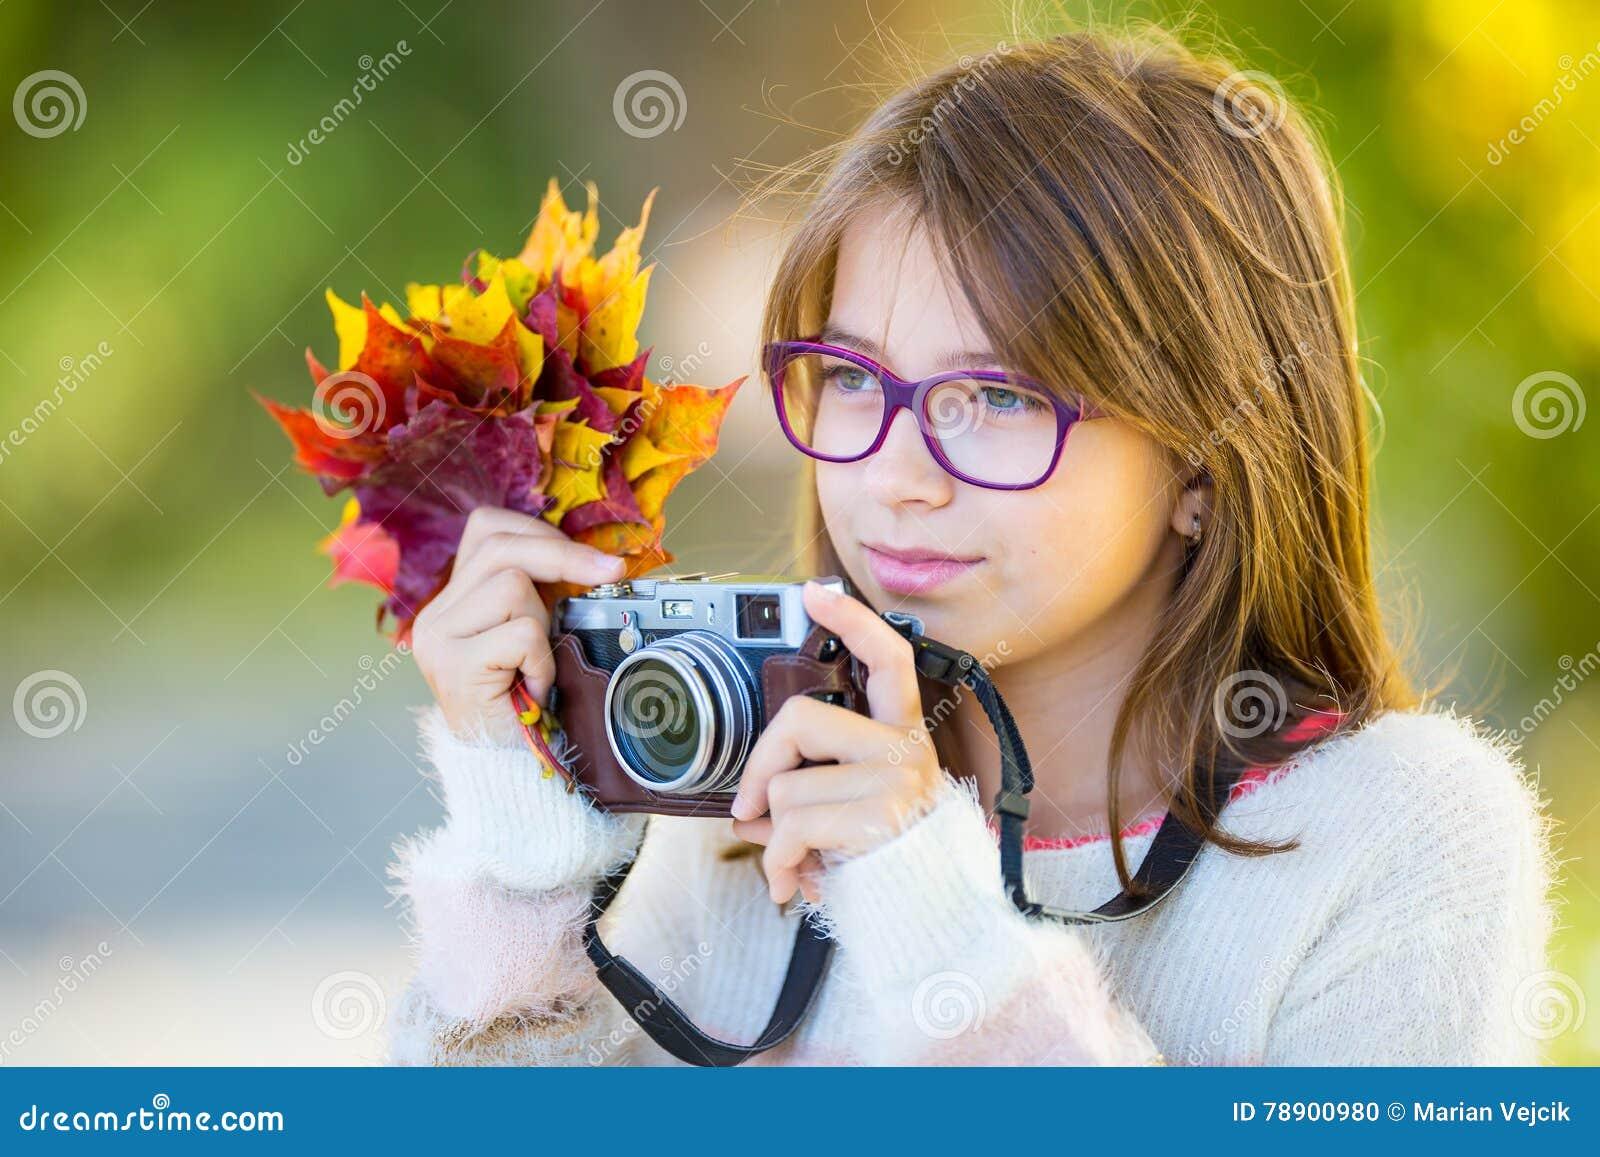 Autumn Time Het tiener aantrekkelijke leuke jonge meisje met de herfstboeket en retro camera Jong de herfstseizoen van de meisjes